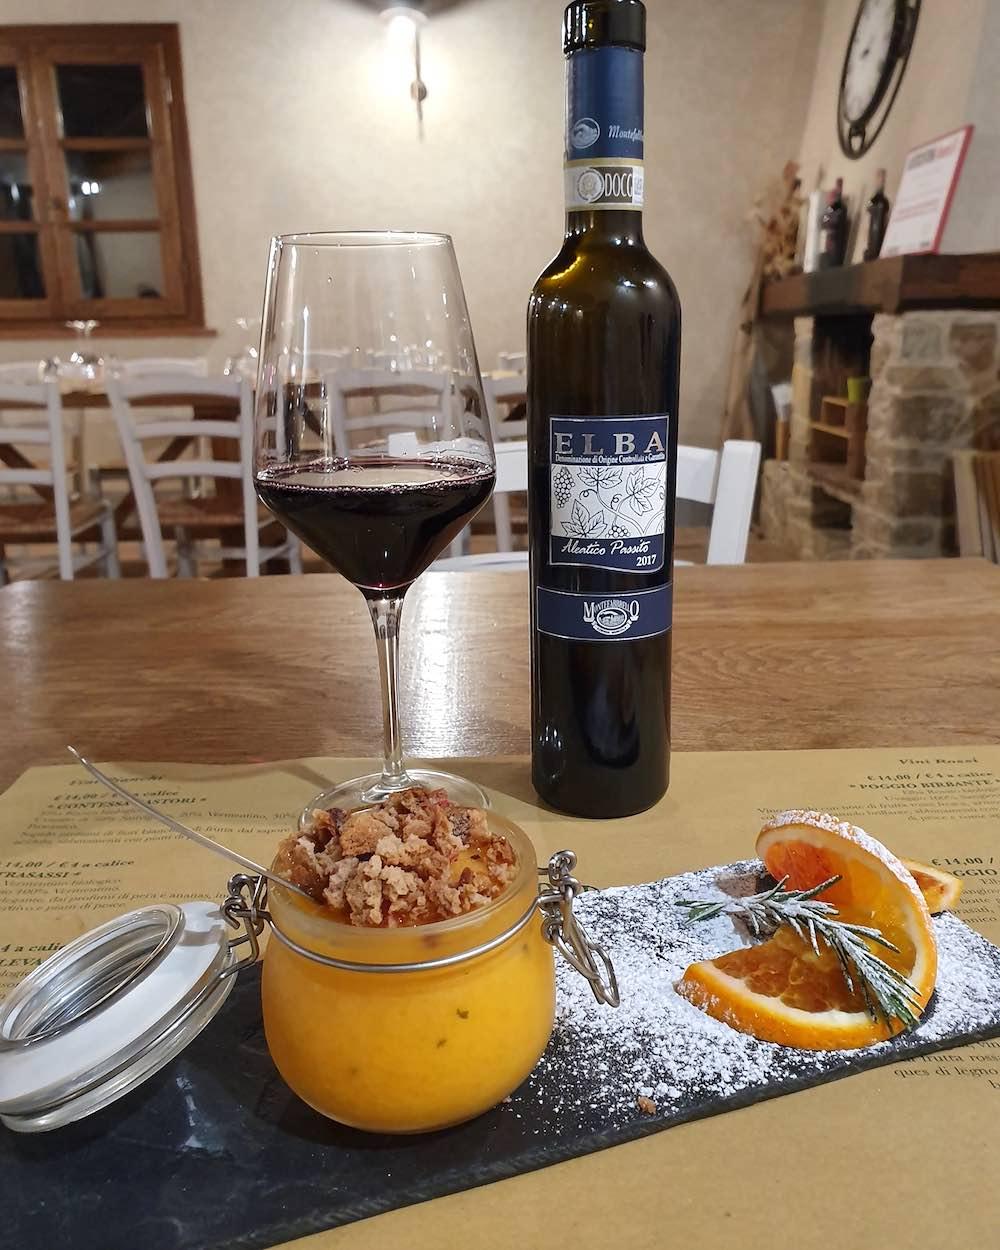 Aleatico dell'Elba dell'Azienda Montefabbrello, uno dei vini pregiati toscani più interessanti